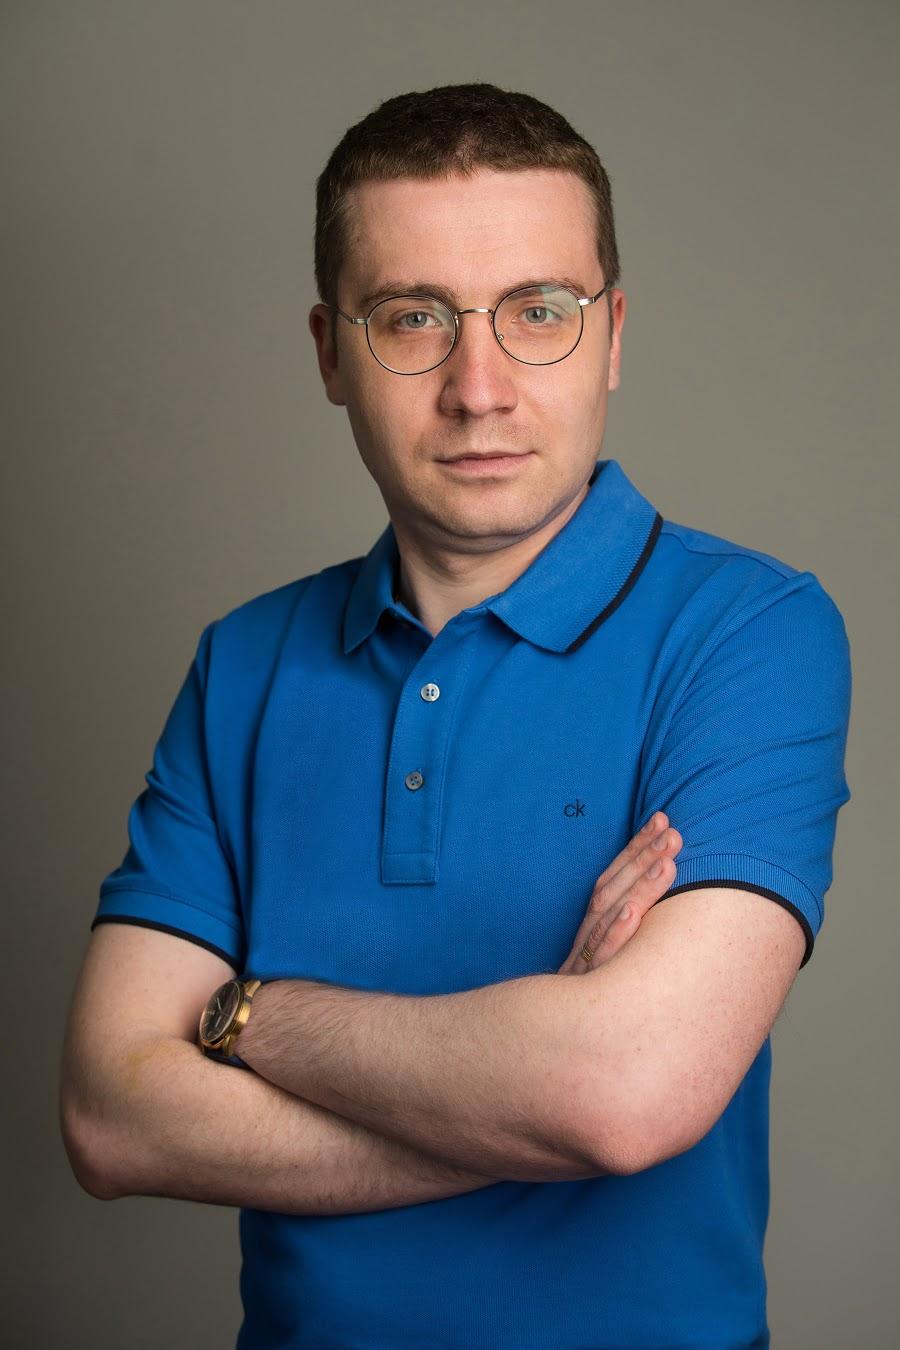 Божеев Владислав